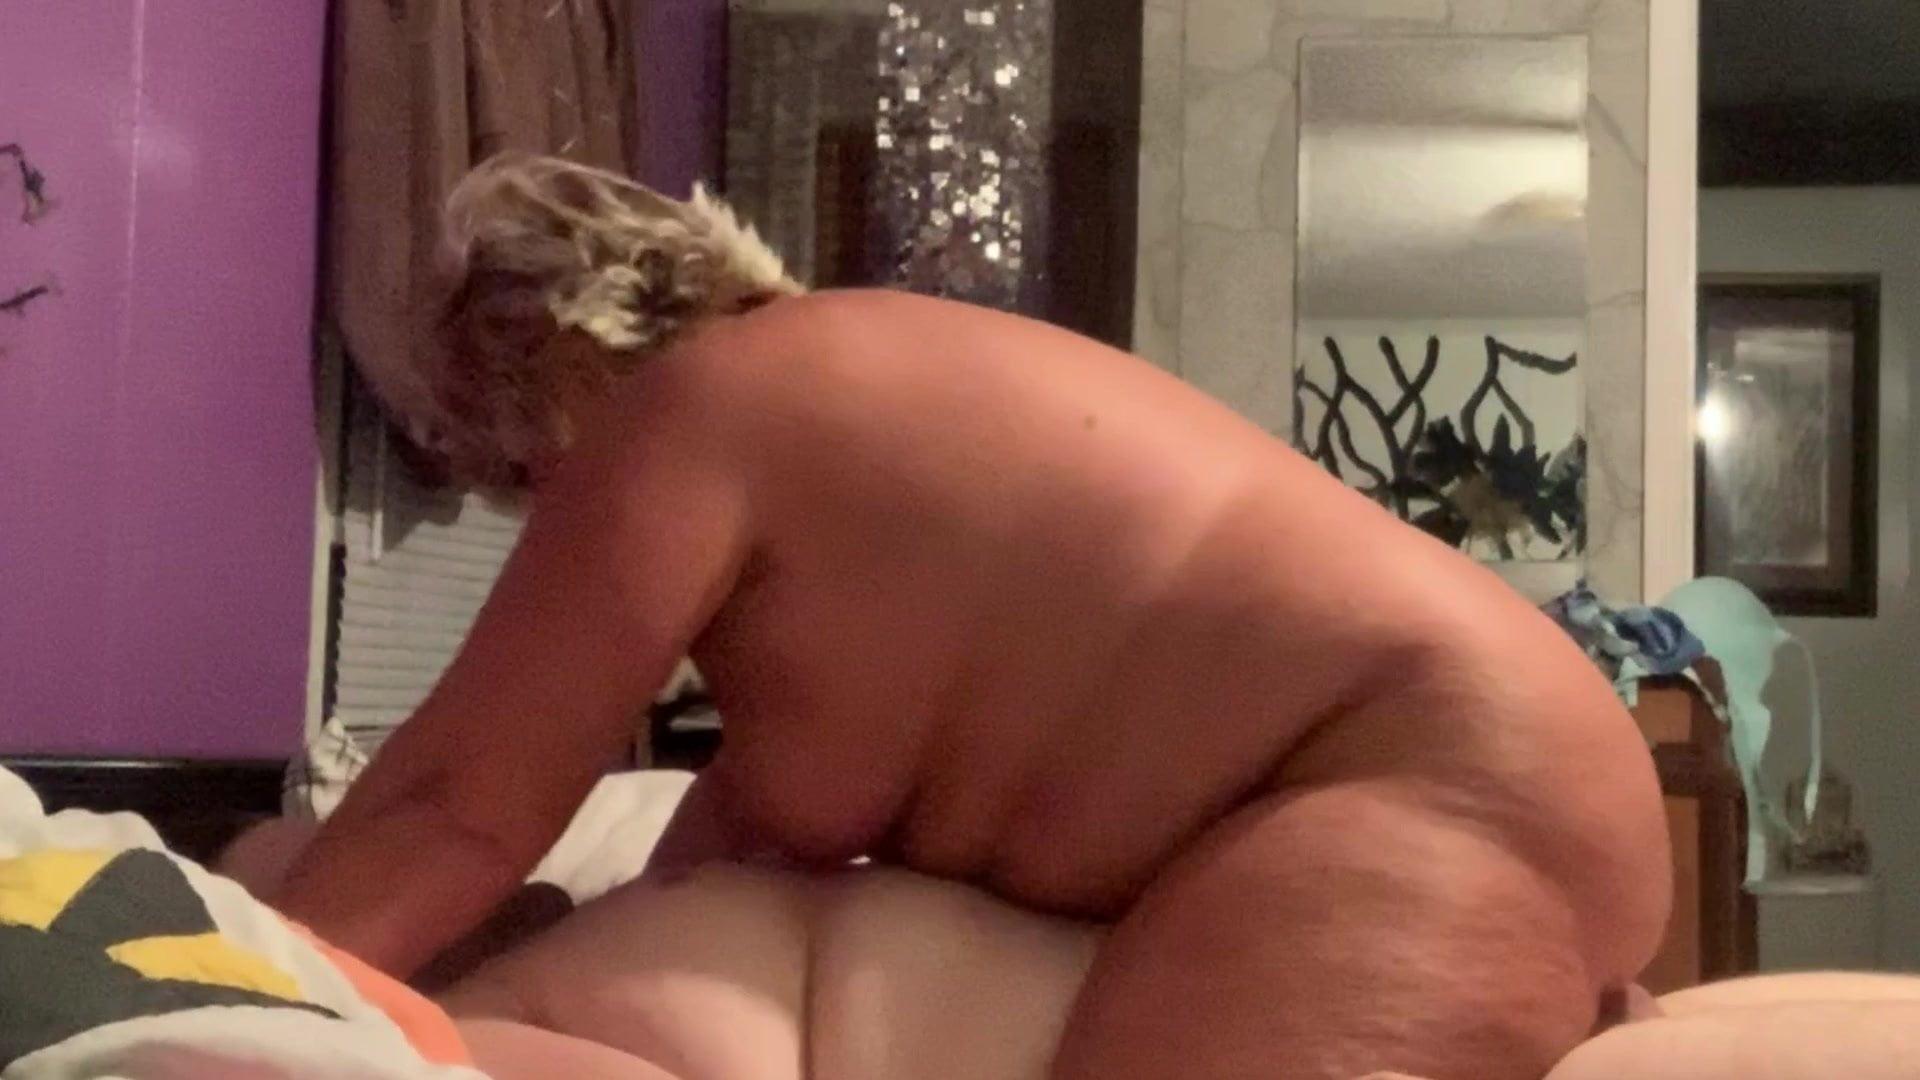 Big Ass Ebony Milf Dildo Ride